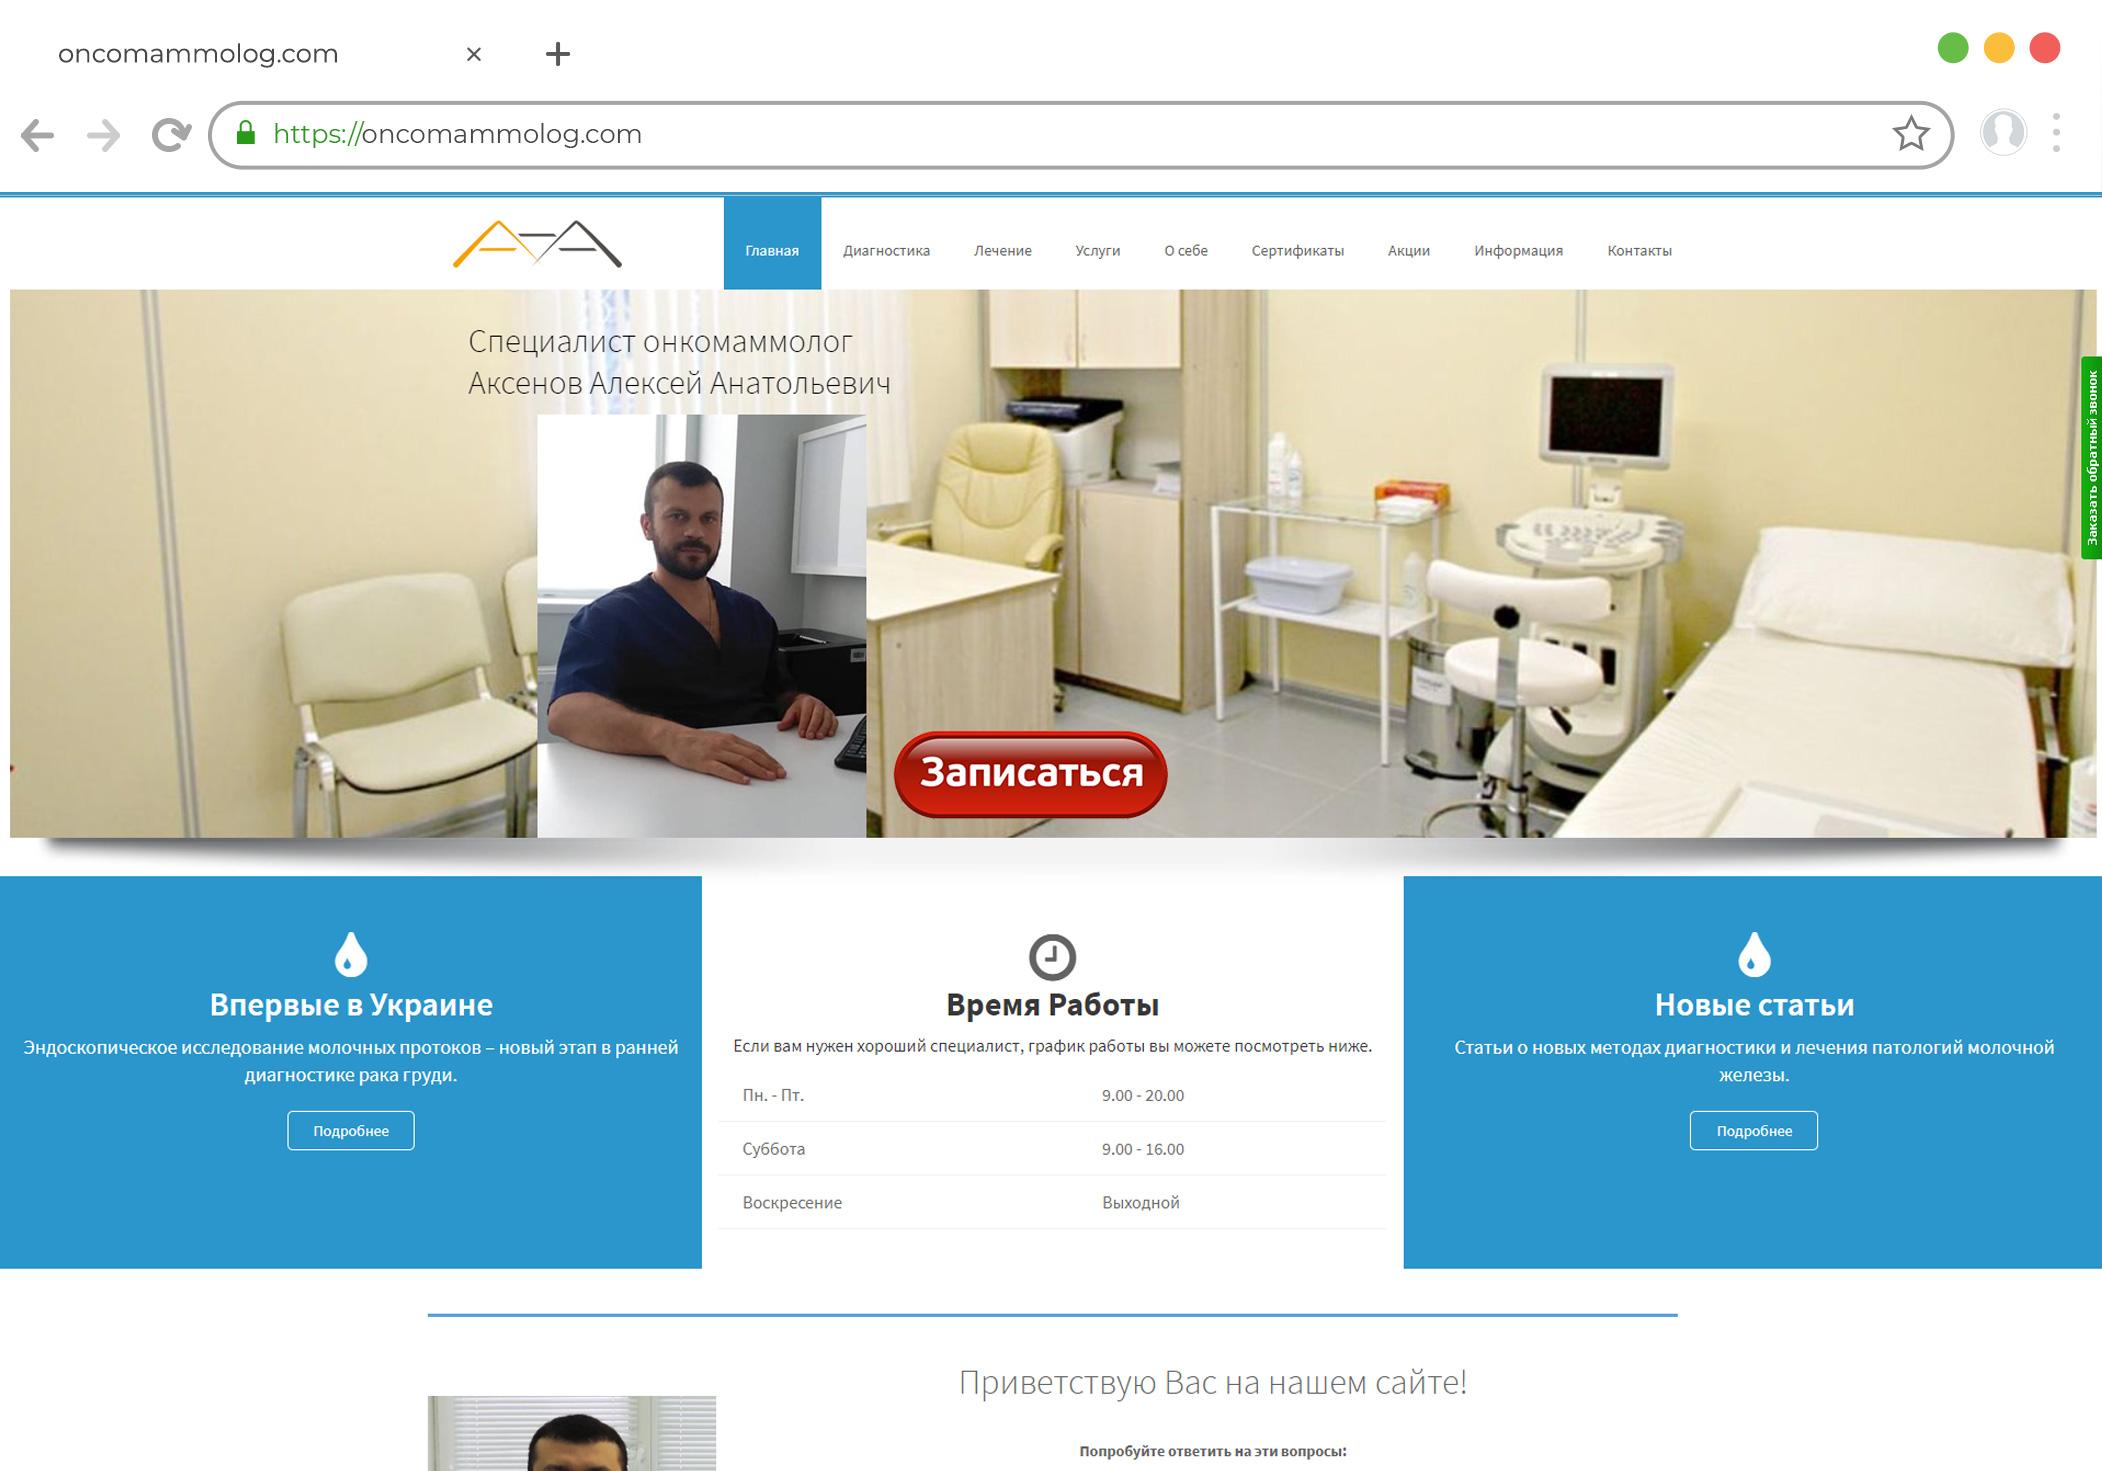 Разработка корпоративного сайта на Wordpress для онкомаммолога